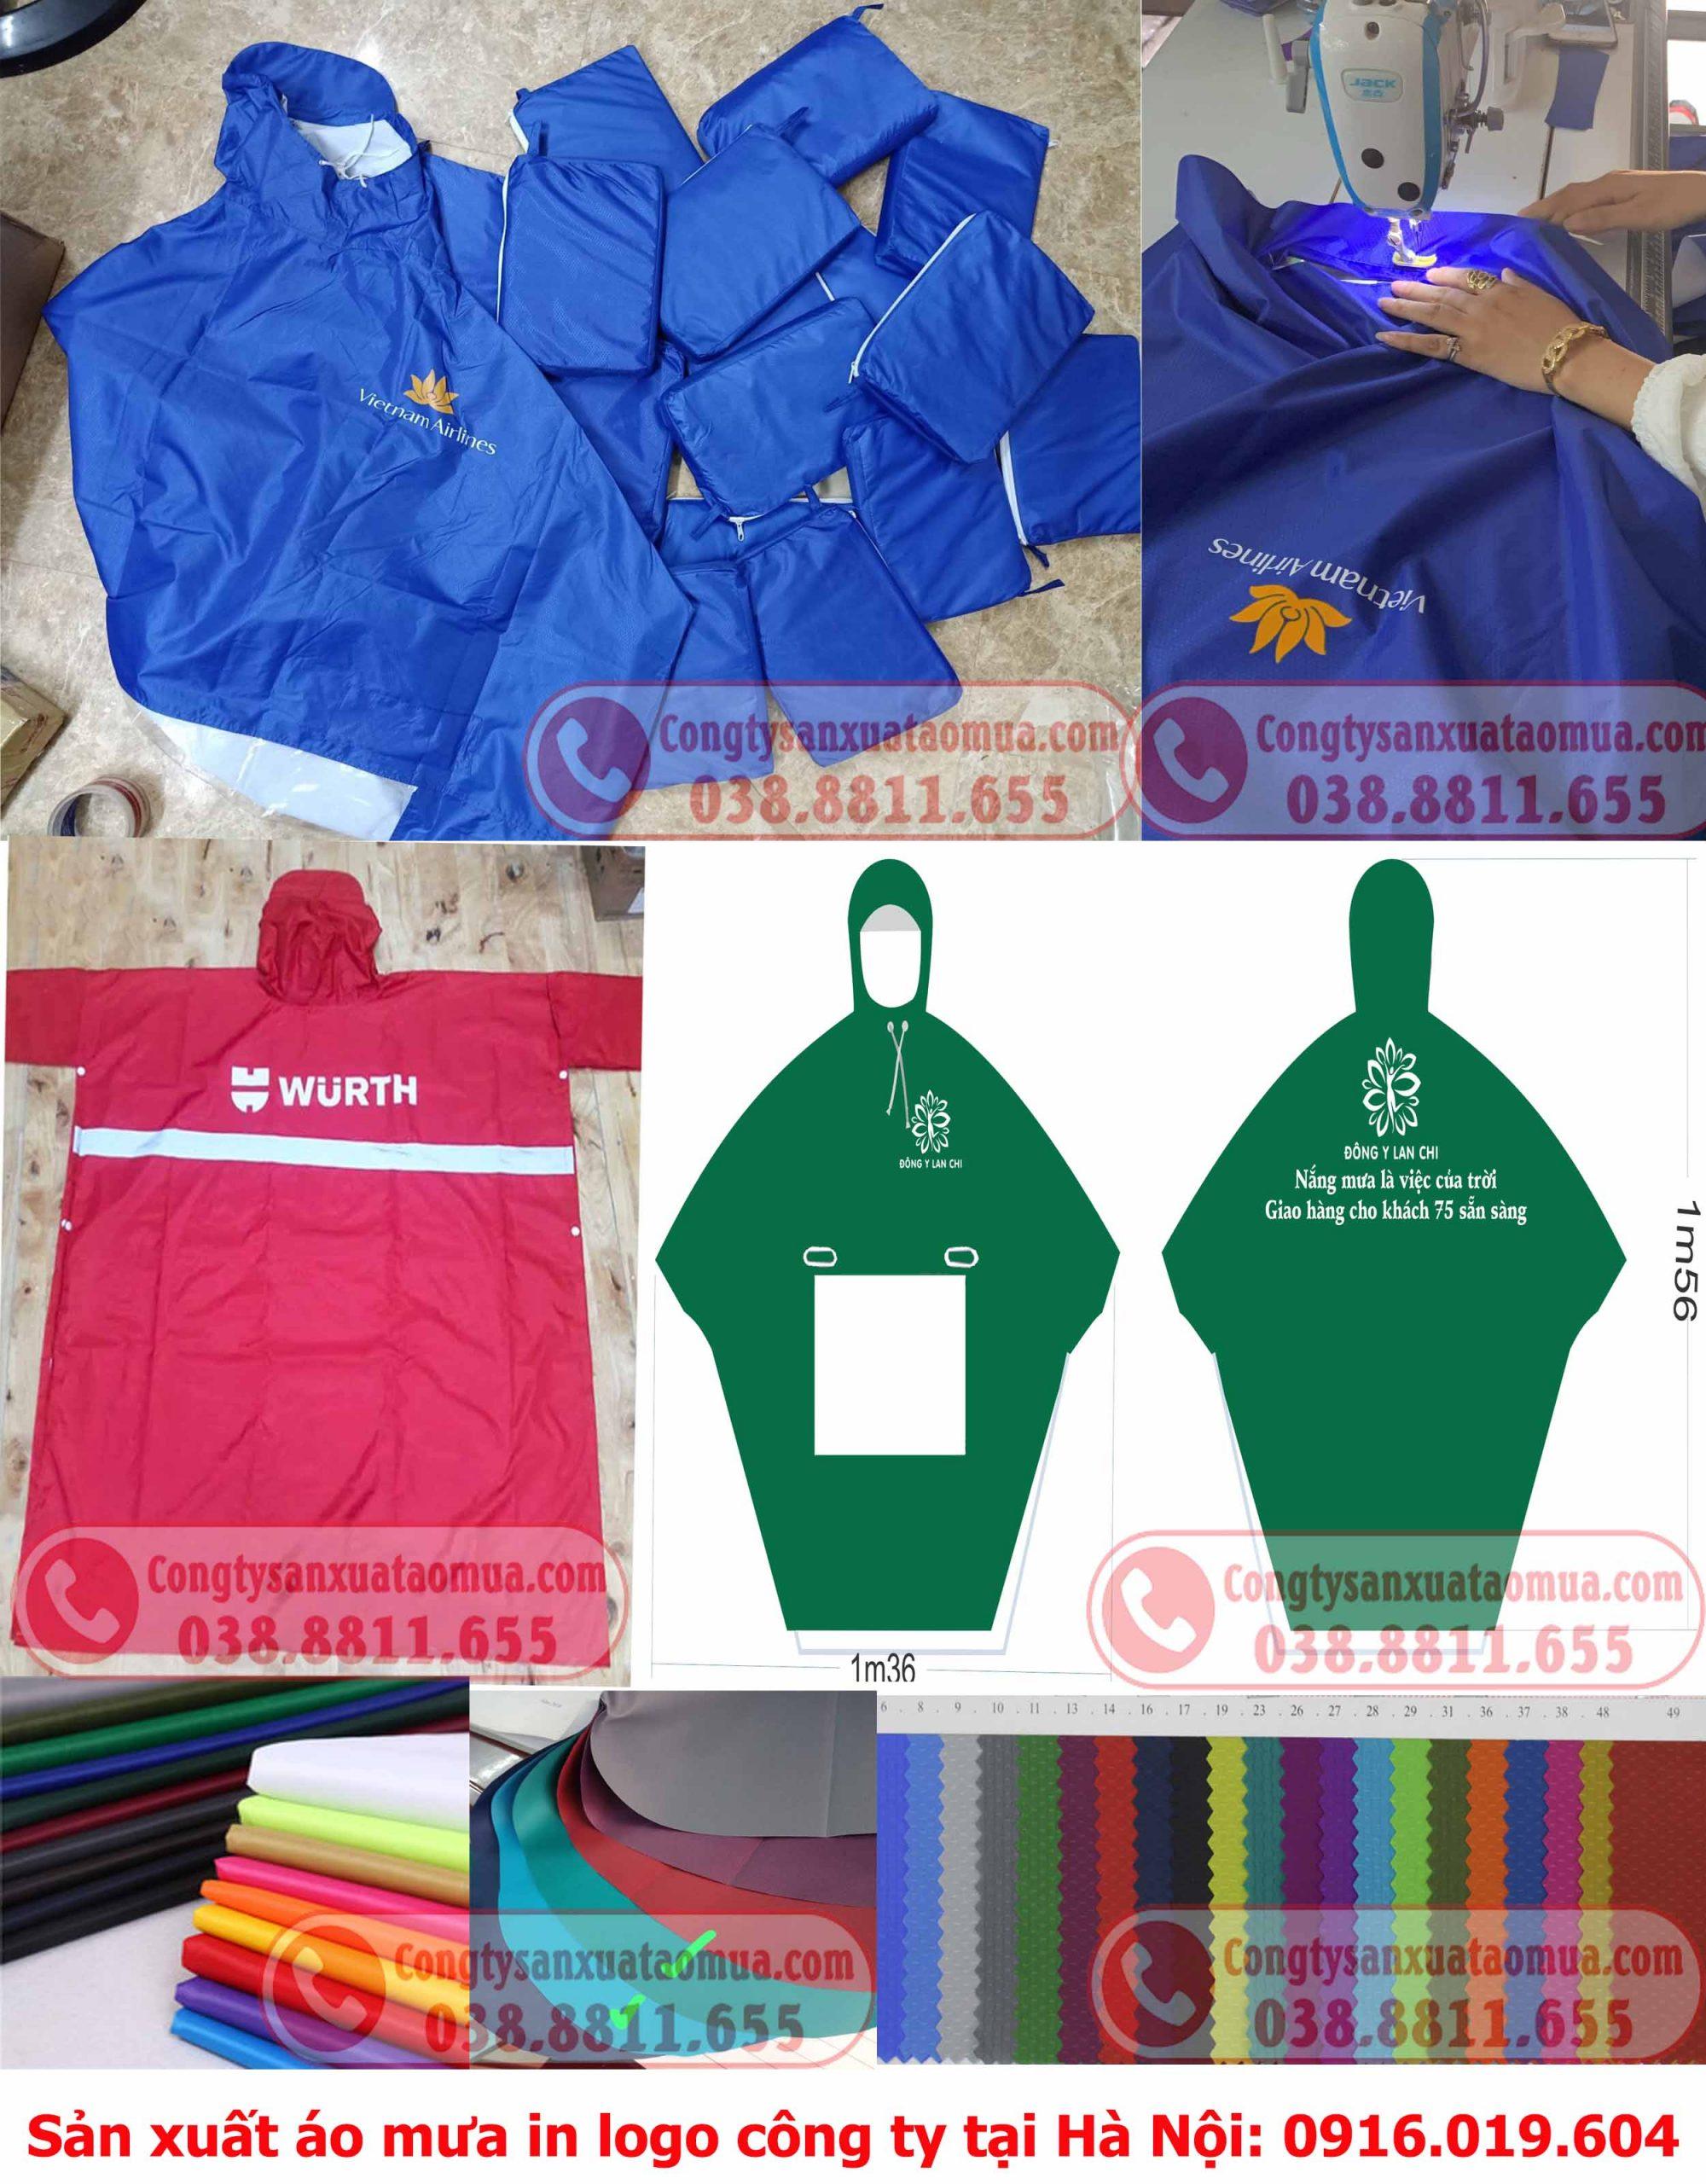 Xưởng sản xuất áo mưa in logo công ty